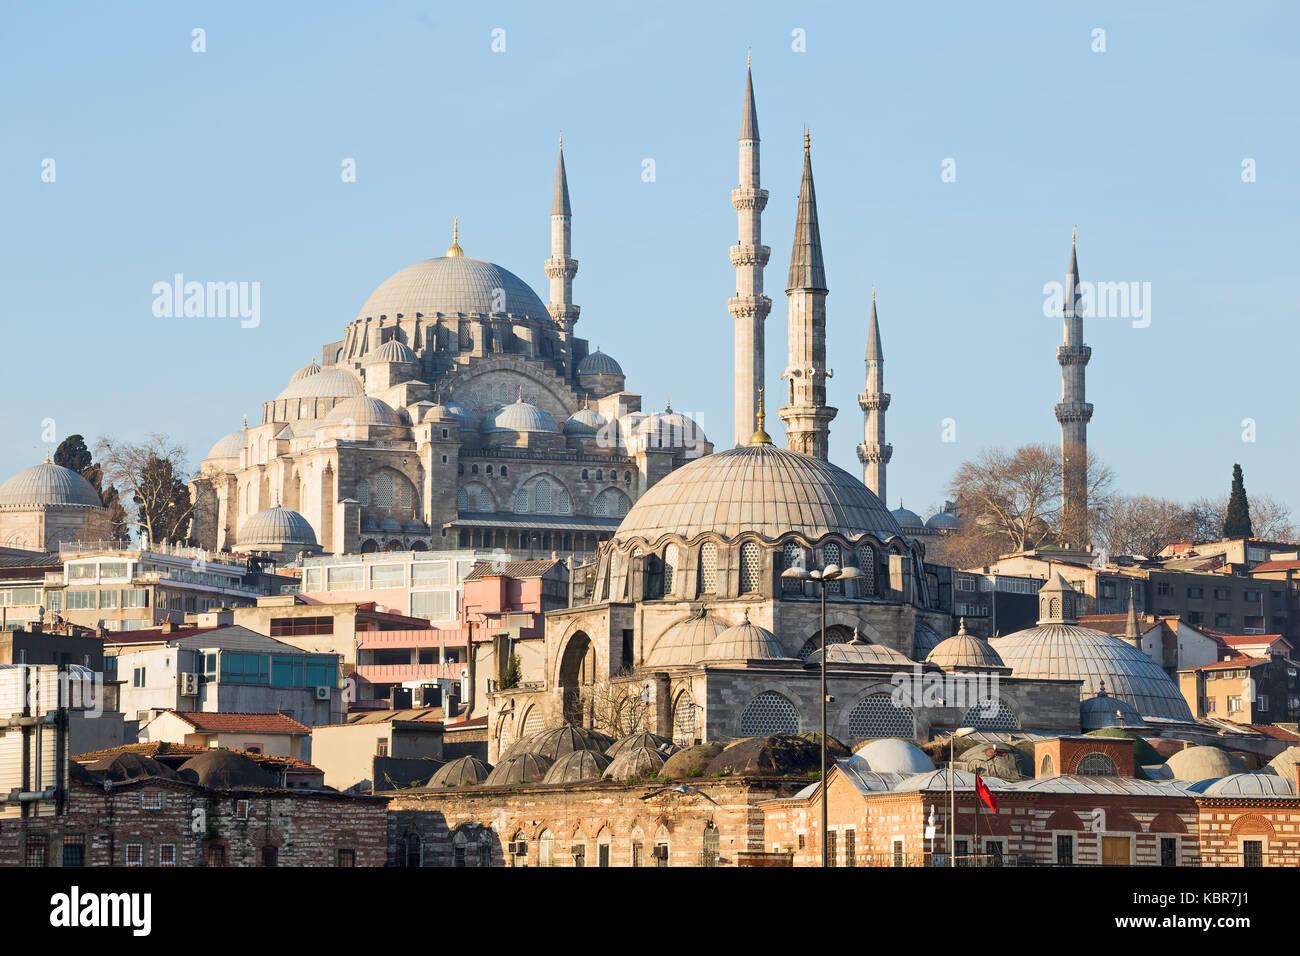 Rustem Pasha Mosque and Suleymaniye Mosque, Istanbul, Turkey - Stock Image